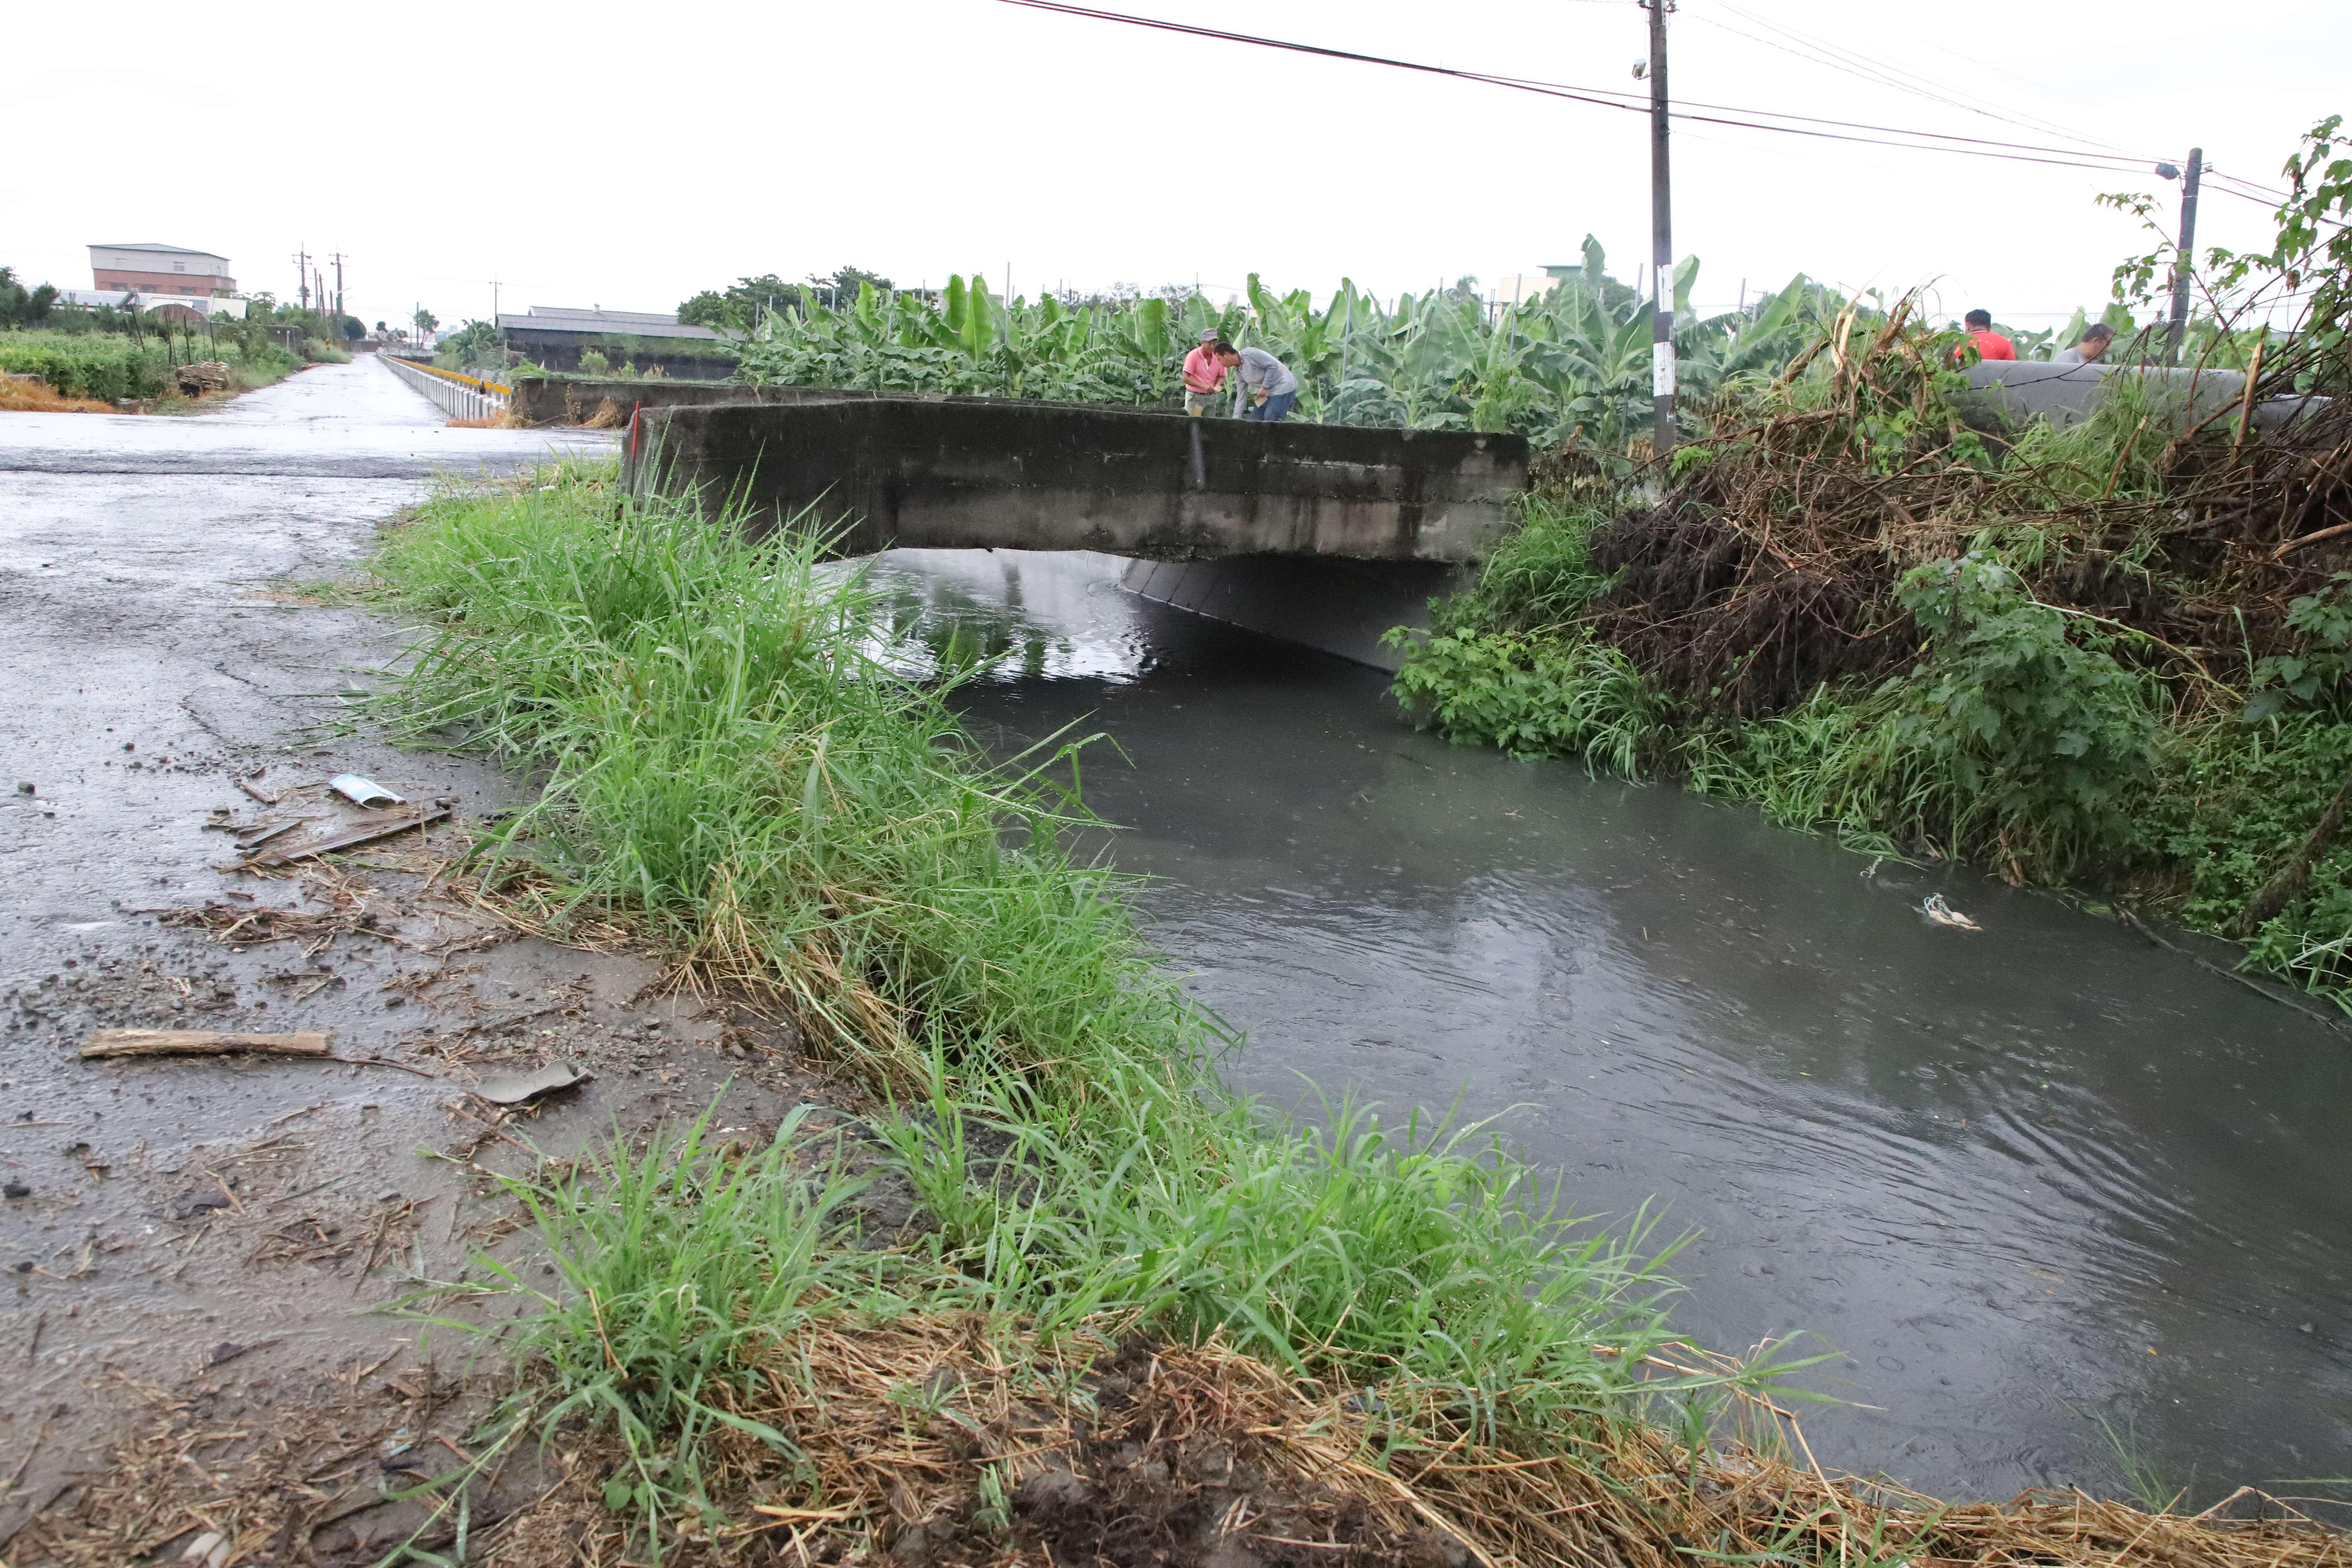 雲73橋梁因梁底高度不足,影響橋樑安全,縣府委請嘉邑行善團協助改建。